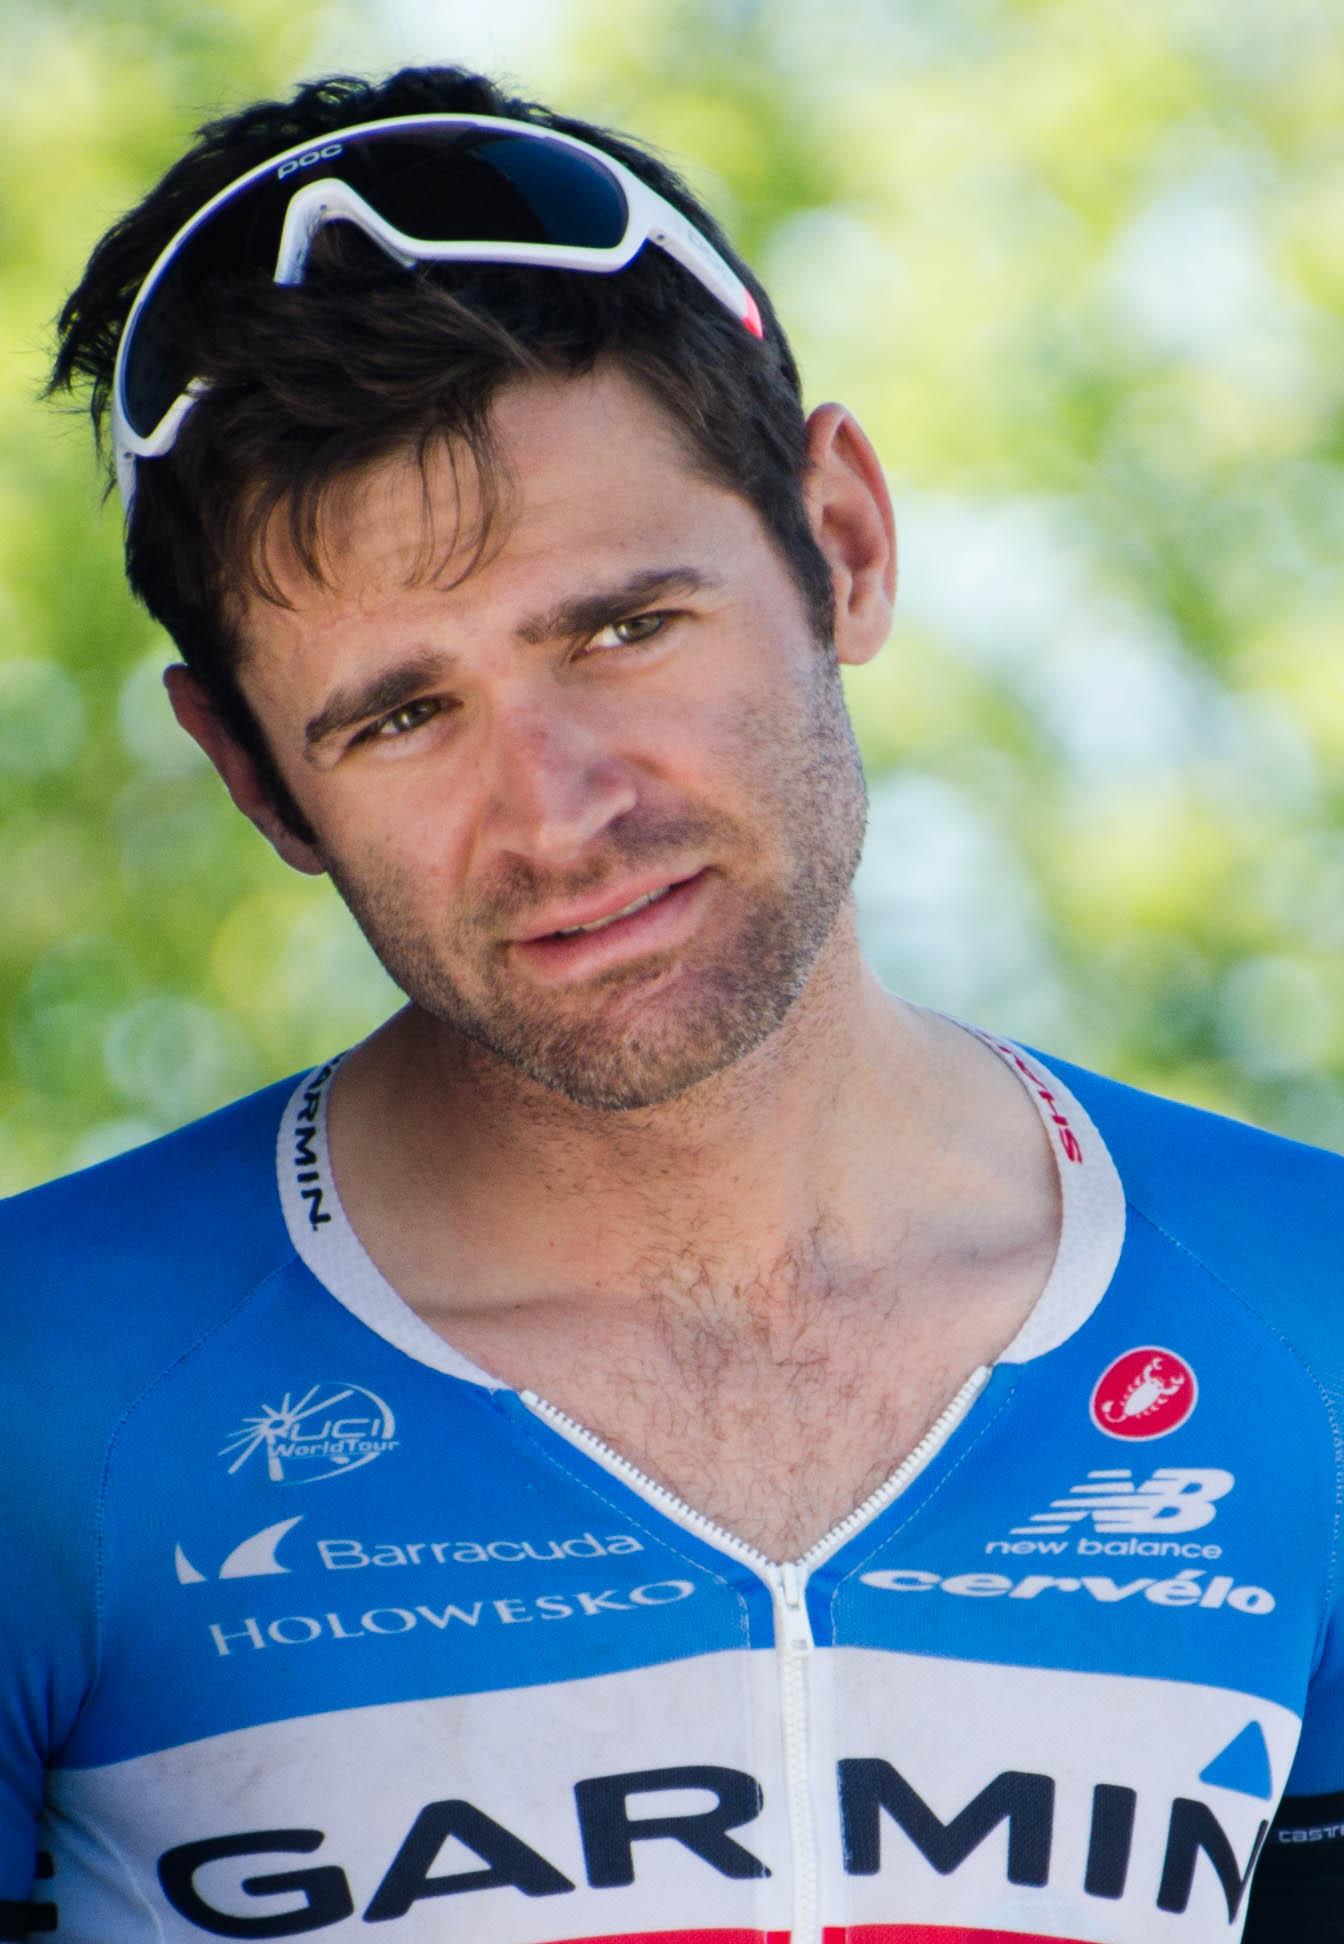 Gaimon at the [[2014 Tour of Alberta]]